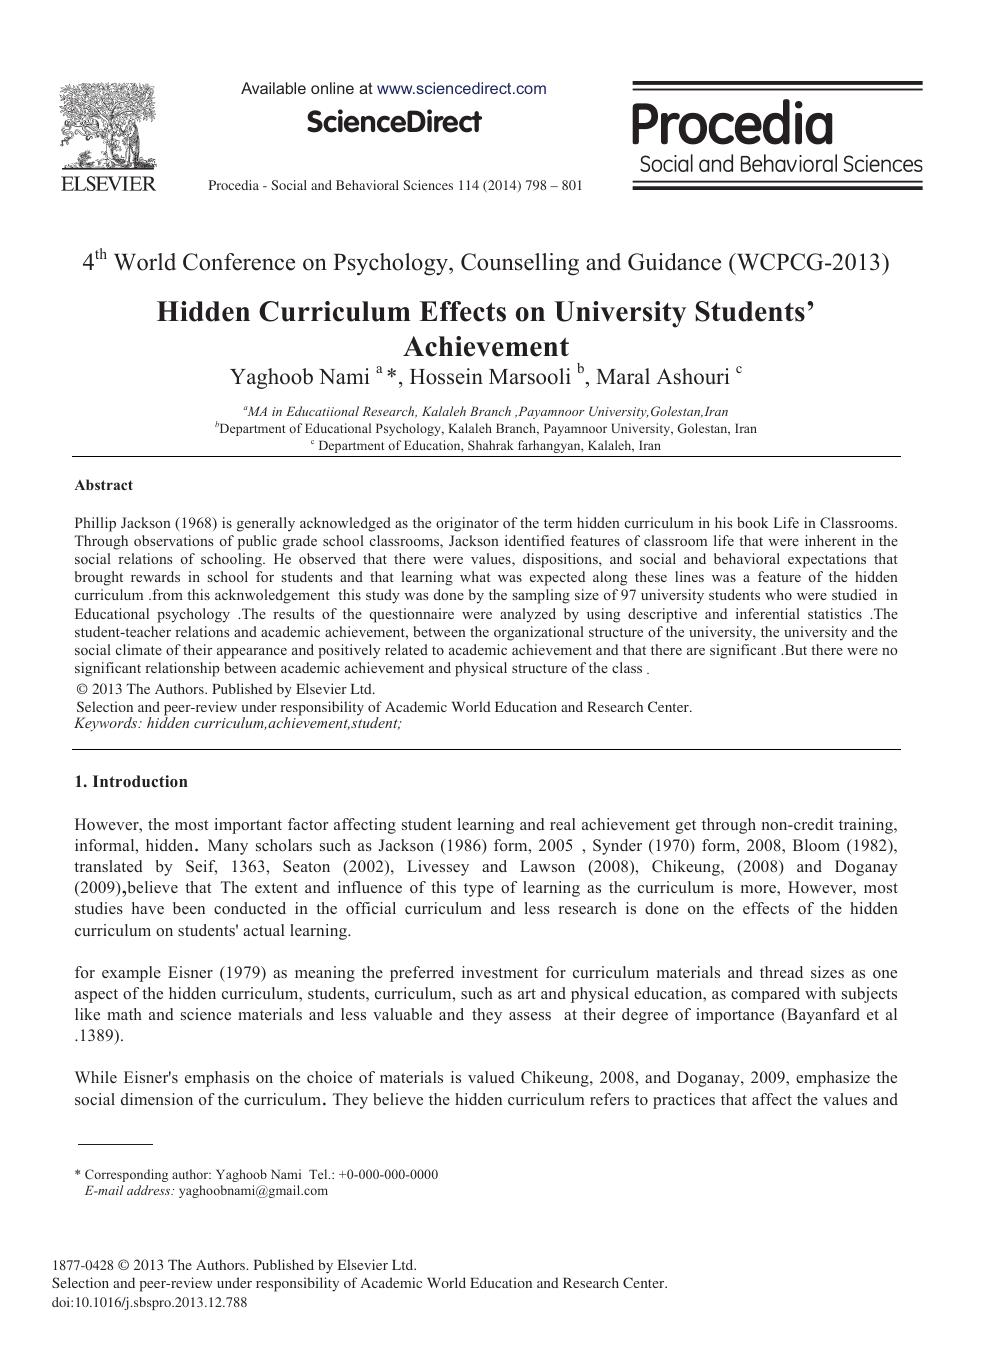 Research paper on hidden curriculum